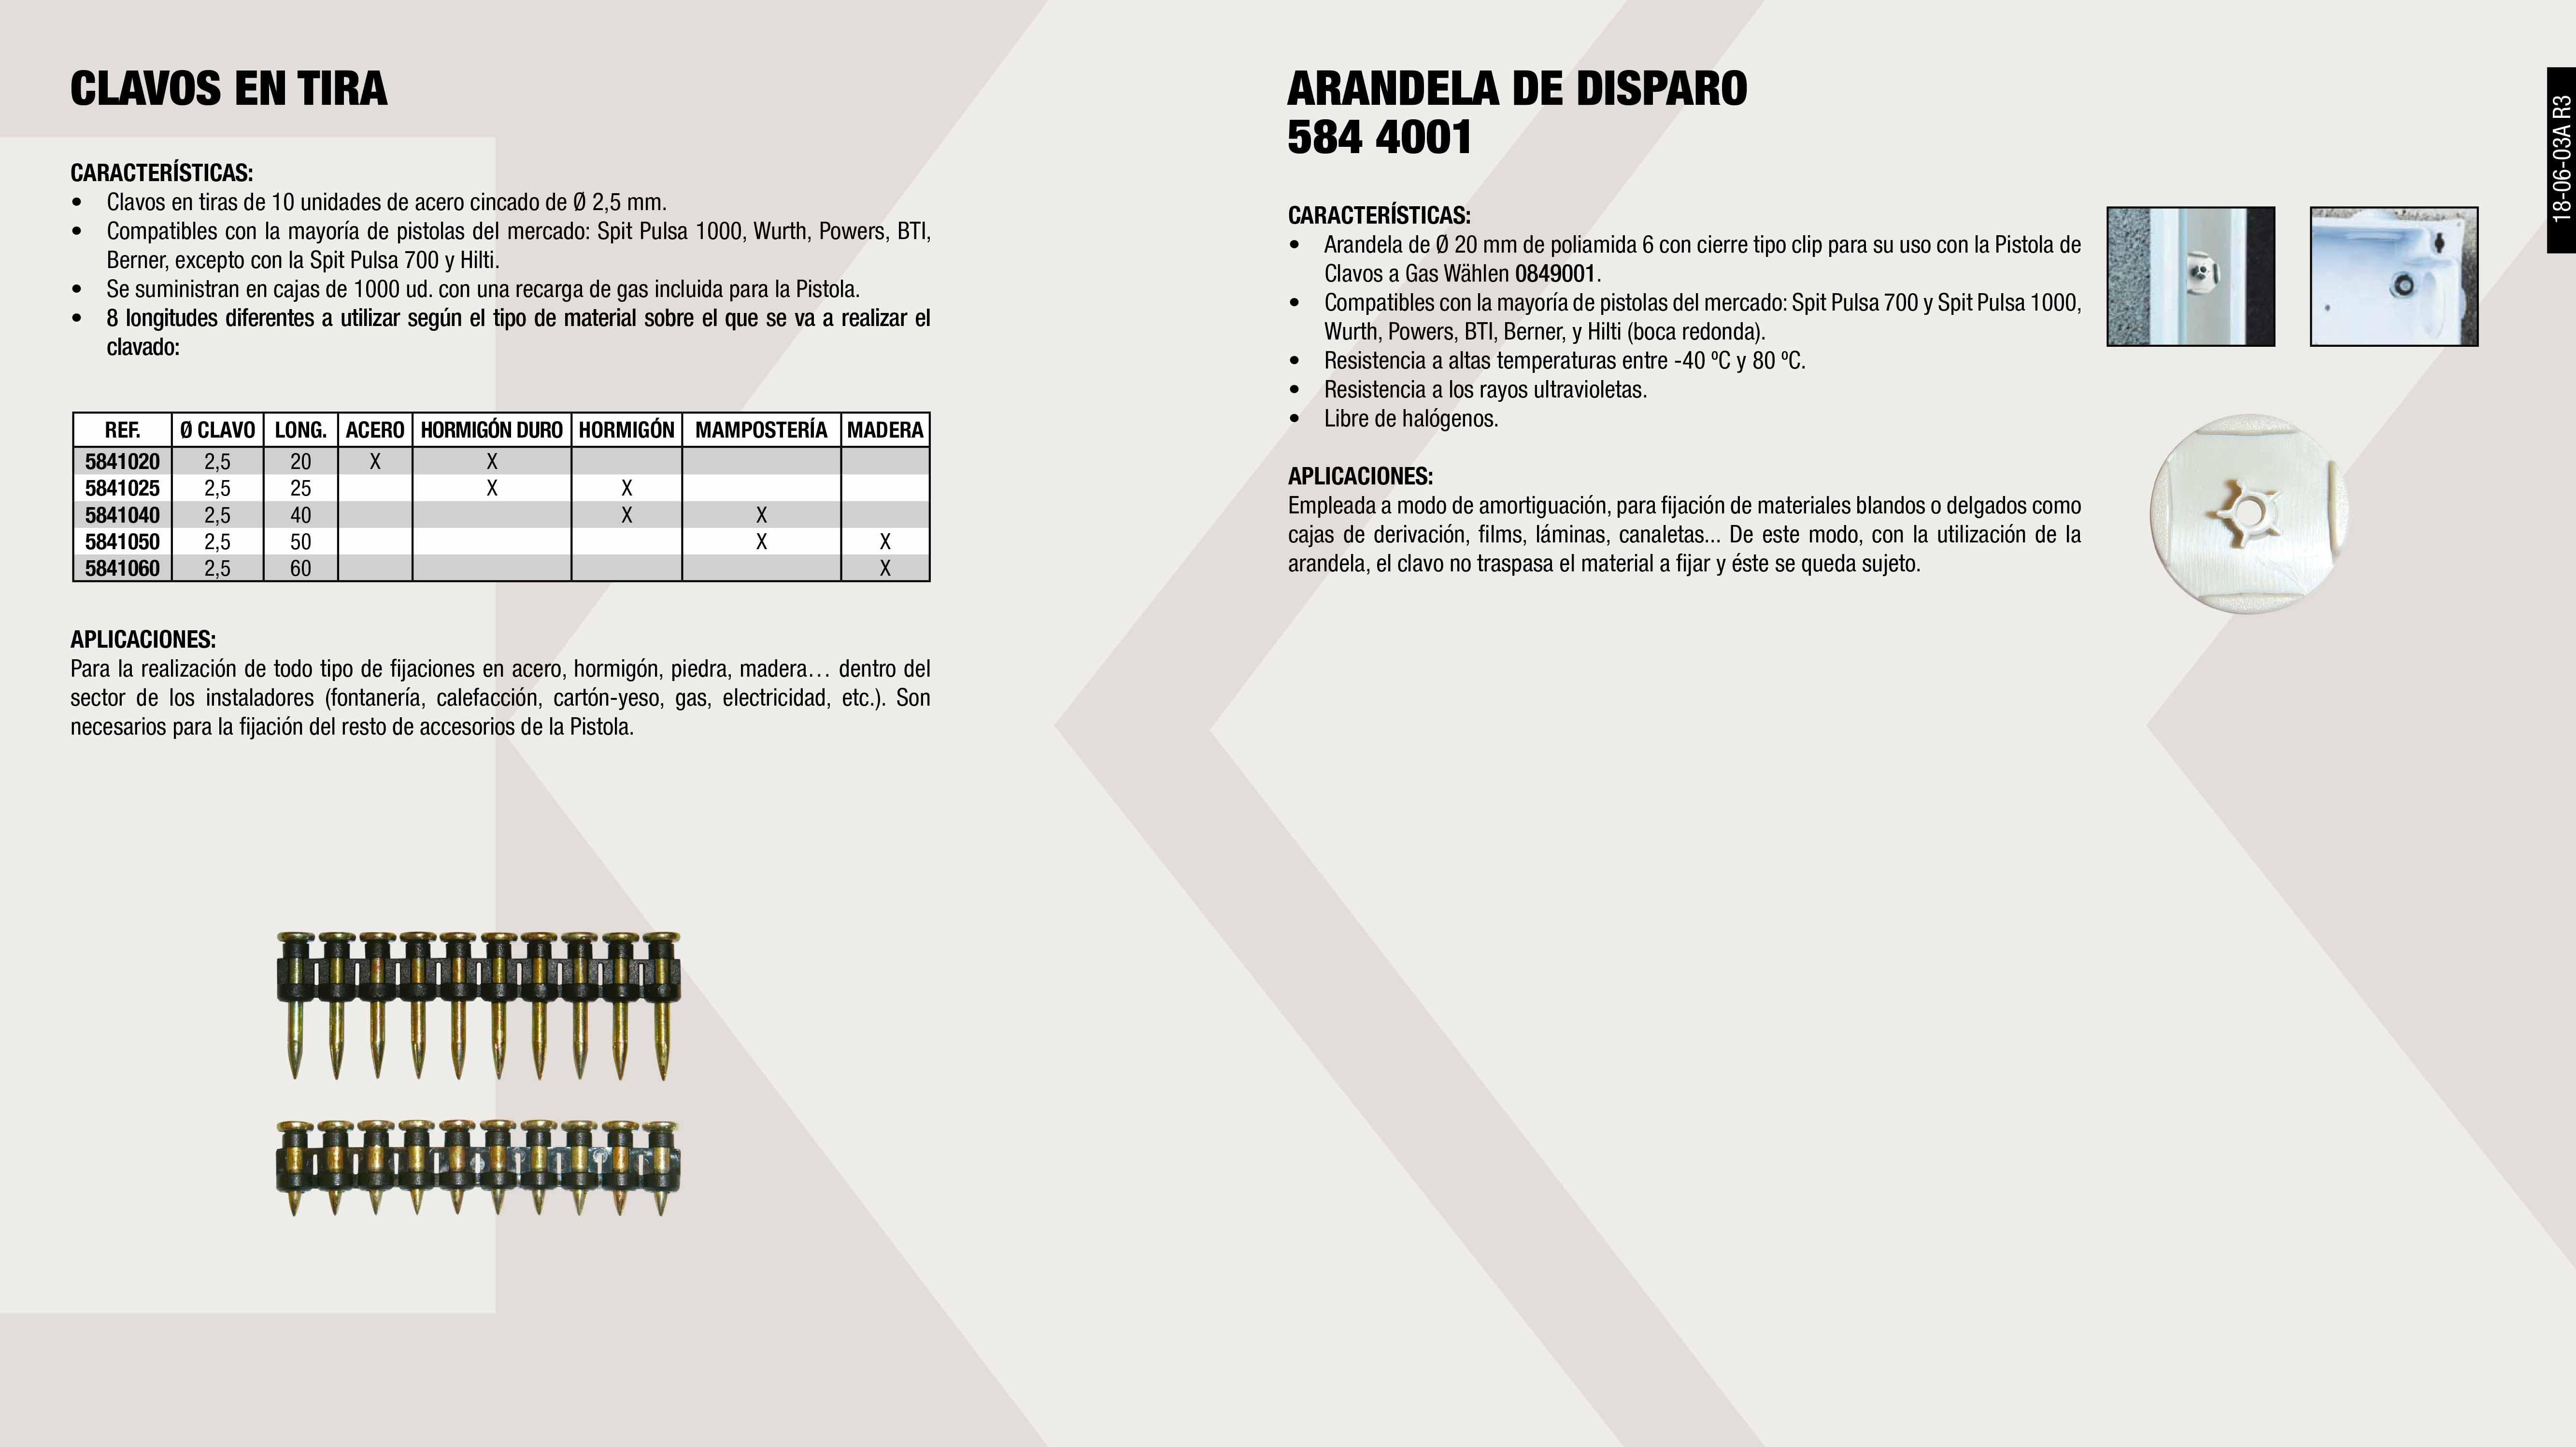 CAJA 1000 CLAVOS 20MM+RECARGA (0849001)                     ,  RECARGA BOTELLA GAS (0849001)                               ,  PISTOLA DE CLAVOS A GAS WÄHLEN                              ,  CAJA 1000 CLAVOS 30MM+RECARGA (0849001)                     ,  CAJA 1000 CLAVOS 40MM+RECARGA (0849001)                     ,  CAJA 1000 CLAVOS 25MM+RECARGA (0849001)                     ,  CAJA 1000 CLAVOS 50MM+RECARGA (0849001)                     ,  ARANDELA GRIS (0849001)                                     ,  CAJA 1000 CLAVOS 15MM+RECARGA (0849001)                     ,  CAJA 1000 CLAVOS 60MM+RECARGA (0849001)                     ,  CAJA 1000 CLAVOS 35MM+RECARGA (0849001)                     ,